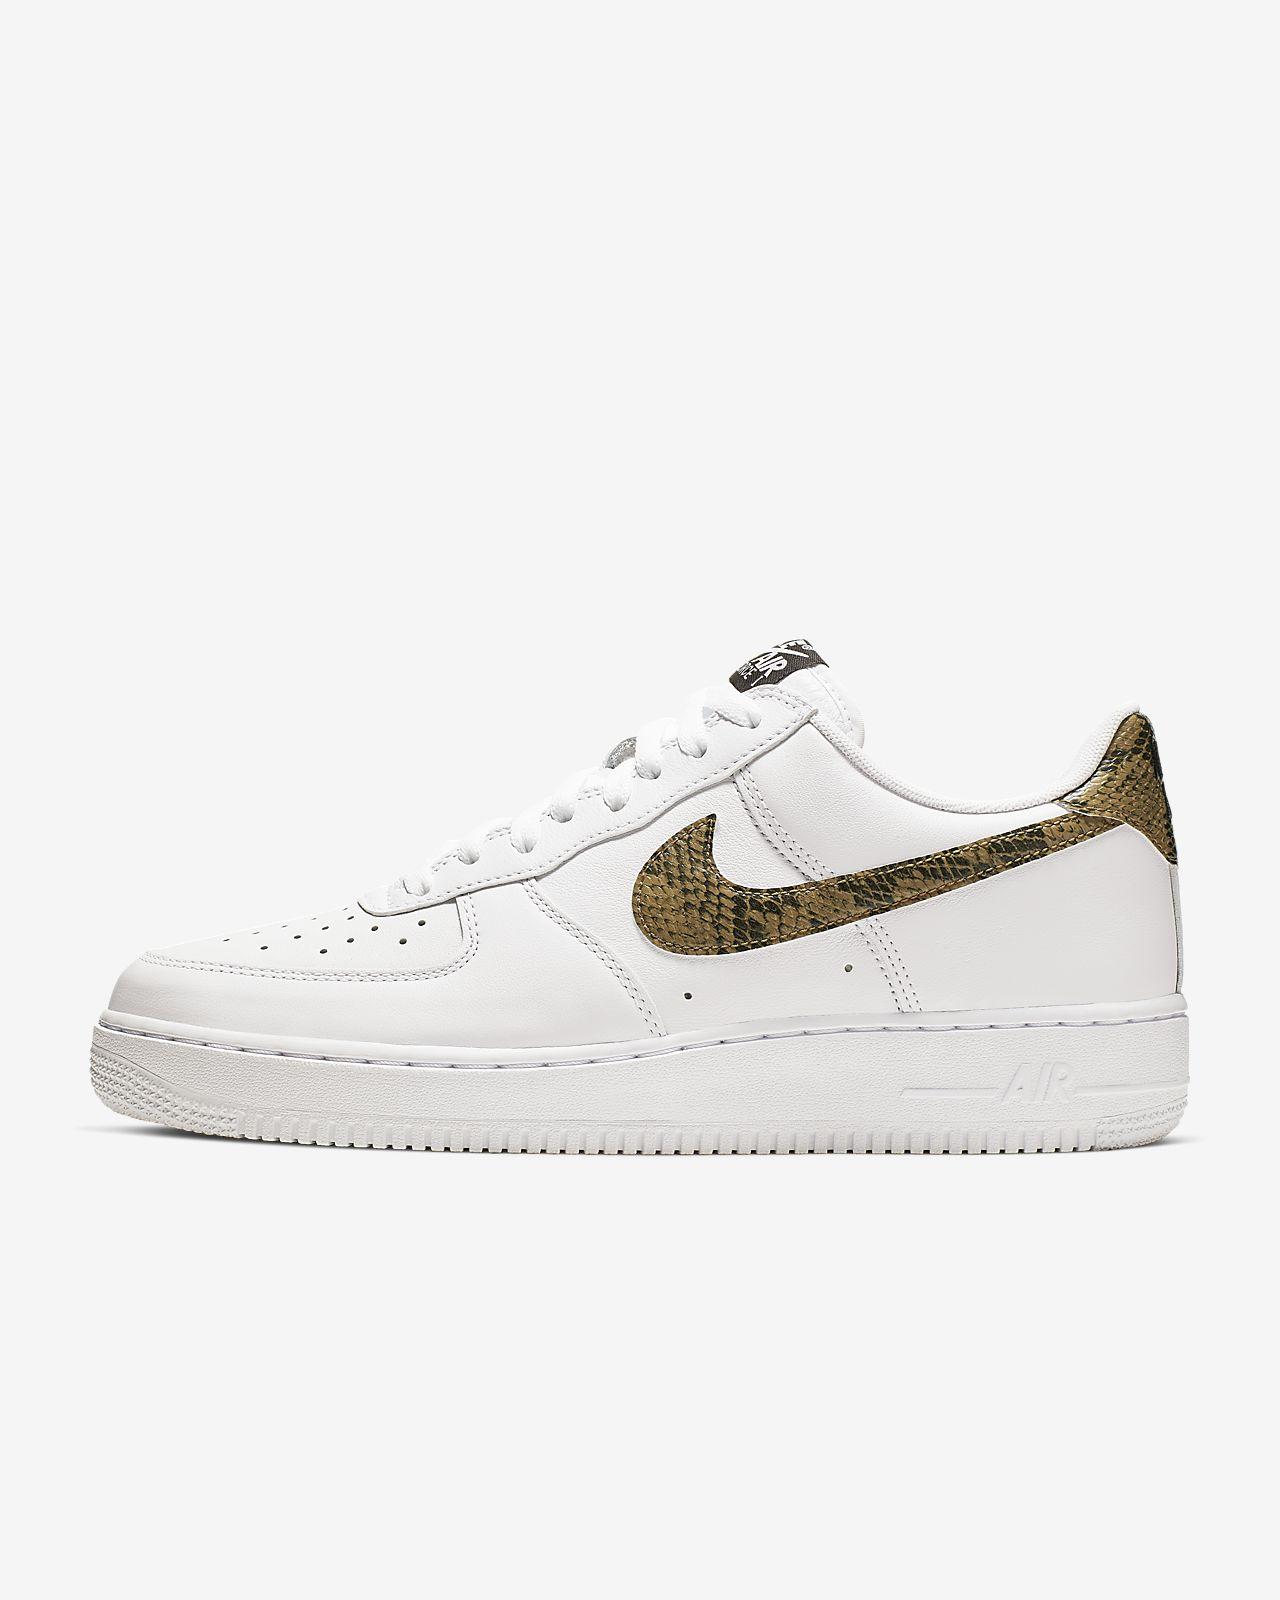 รองเท้าผู้ชาย Nike Air Force 1 Low Retro Premium